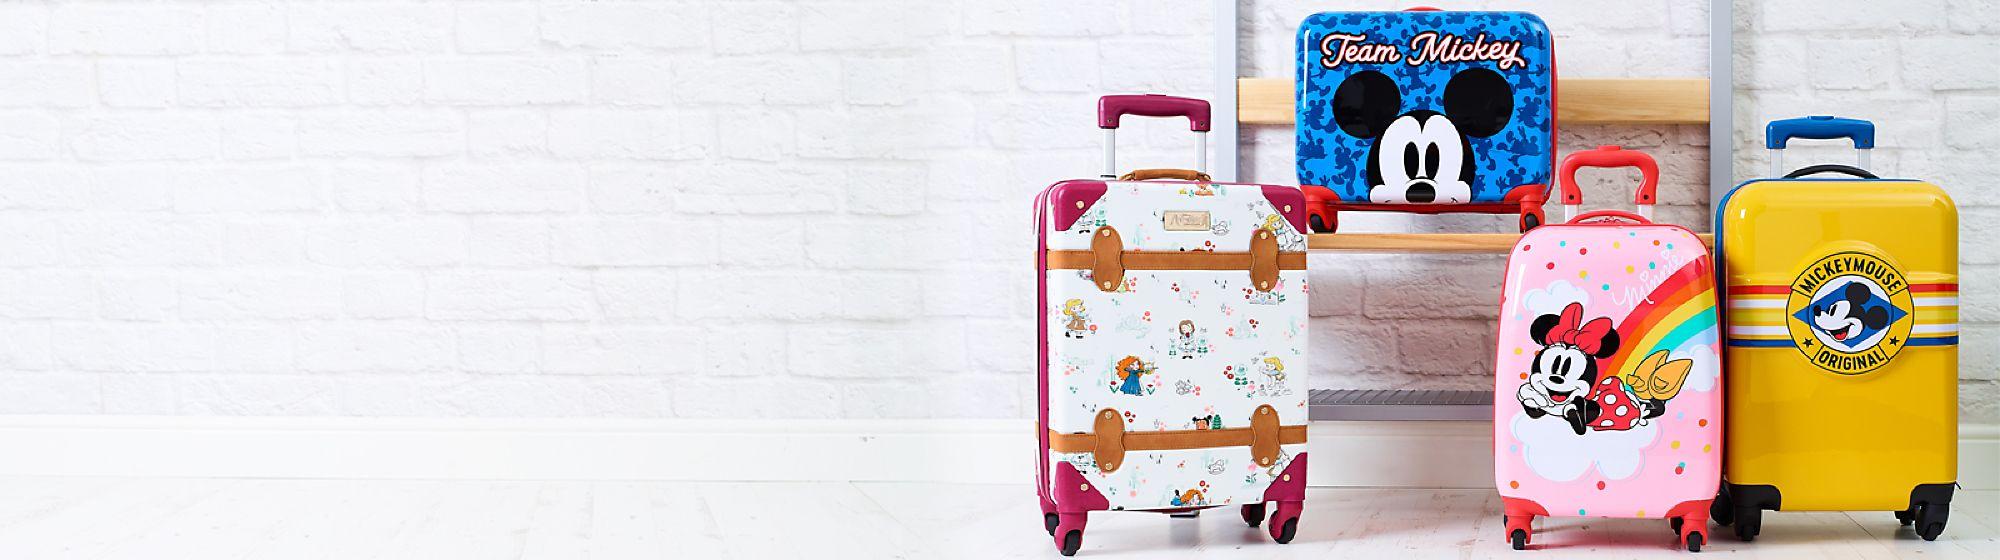 Valigie e trolley Parti per un magico viaggio con la nostra gamma di valigie e trolley Disney, Pixar, Star Wars e Marvel